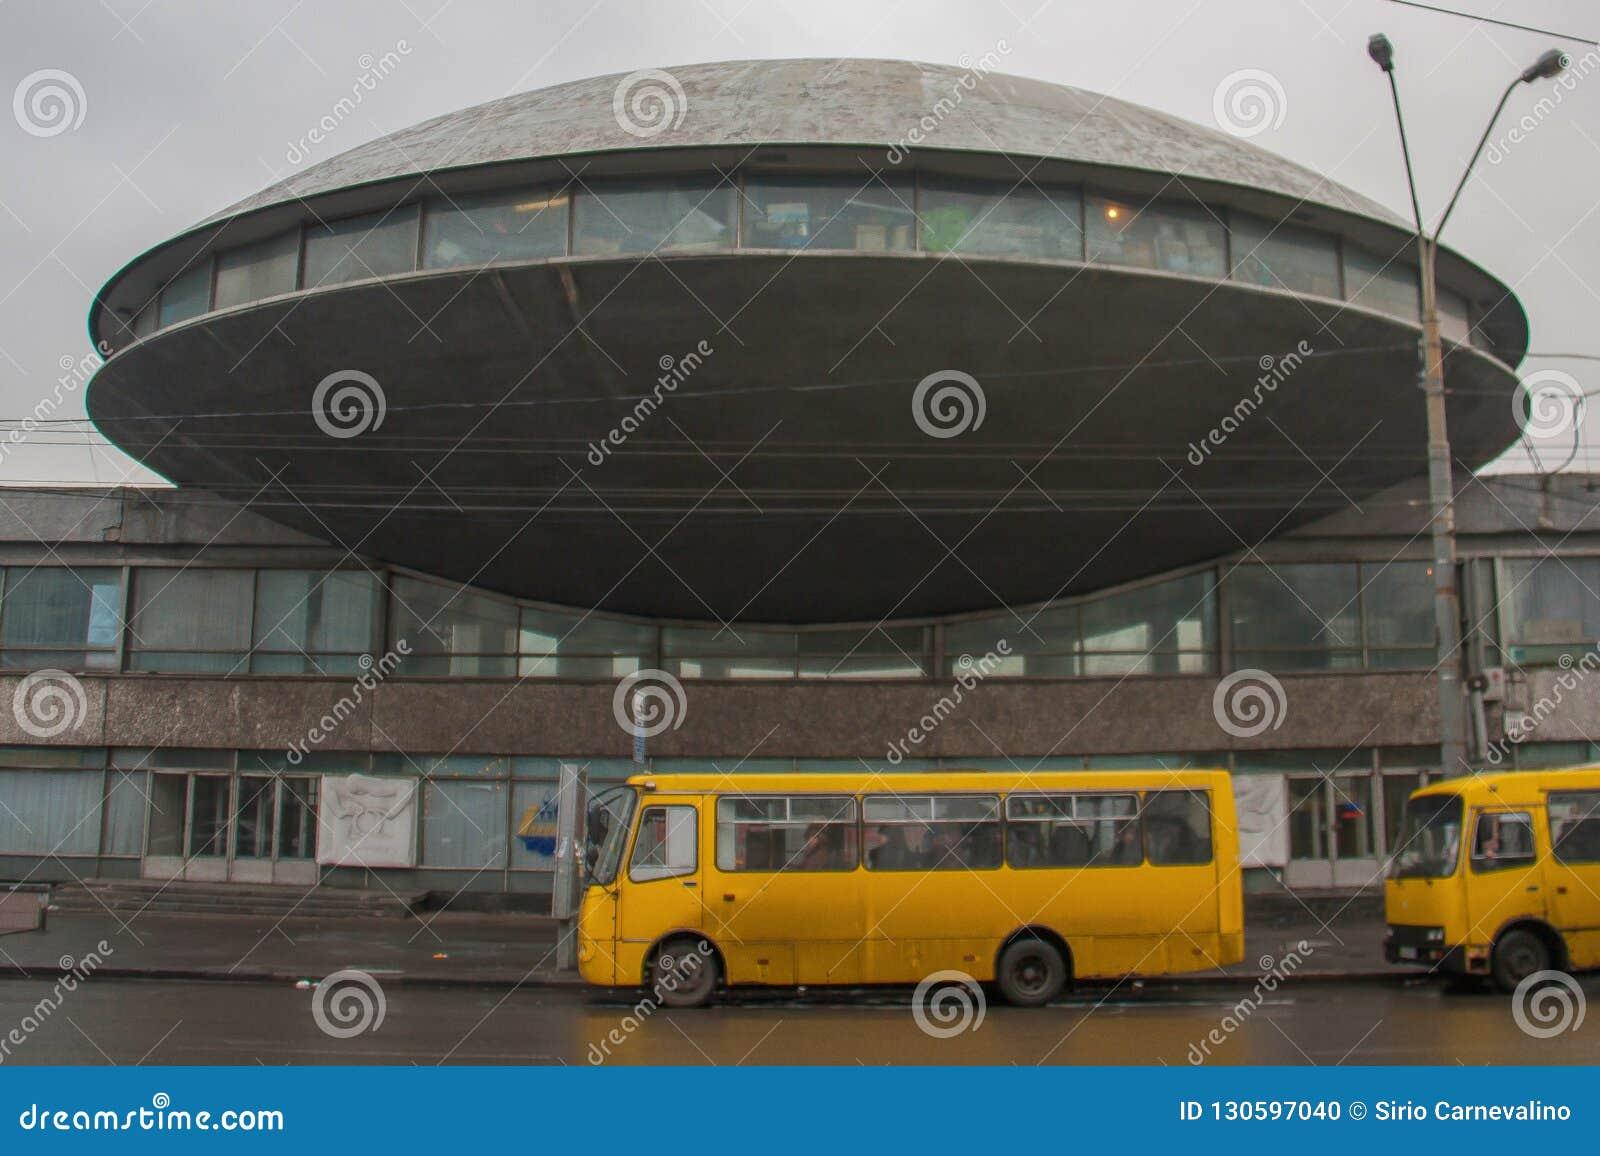 Σοβιετική αρχιτεκτονική στο Κίεβο, Ουκρανία